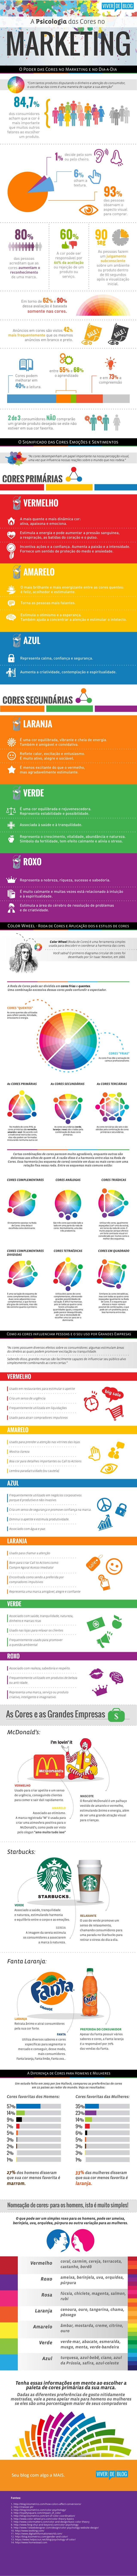 Infográfico: A psicologia das cores no marketing e no dia-a-dia